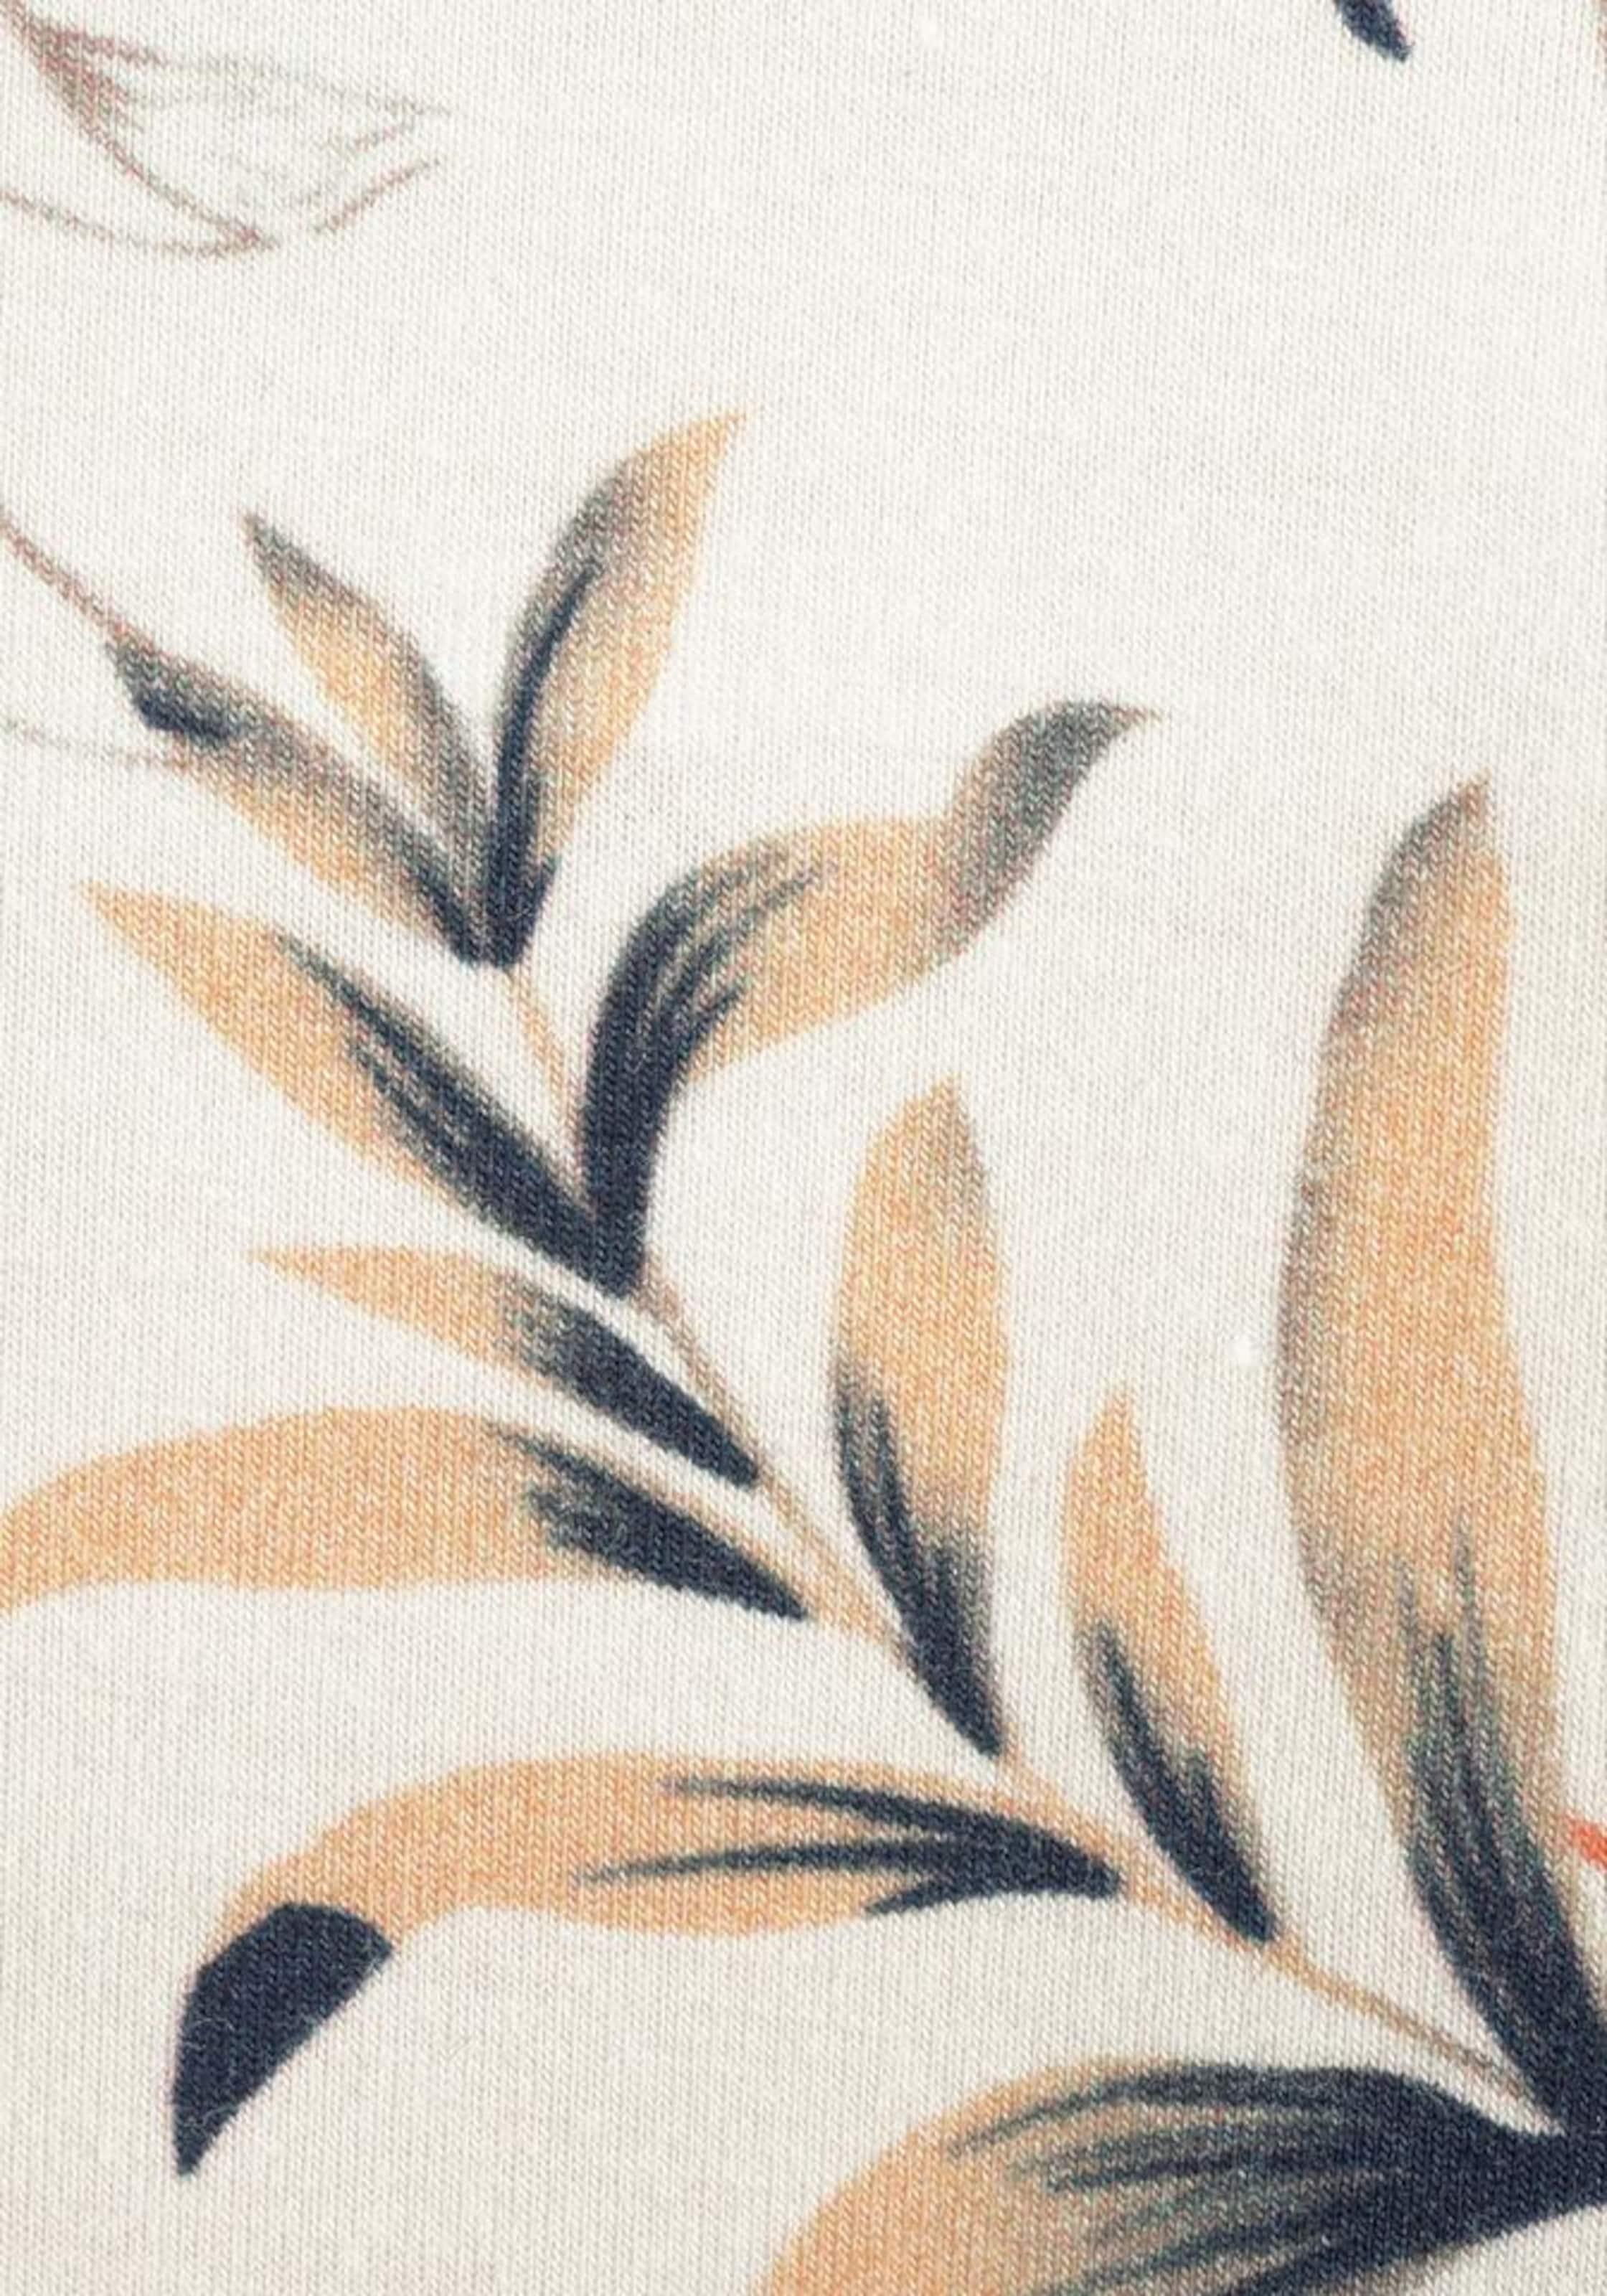 Strandkleid oliver S Label Weiß Beachwear In Red y6gfYb7